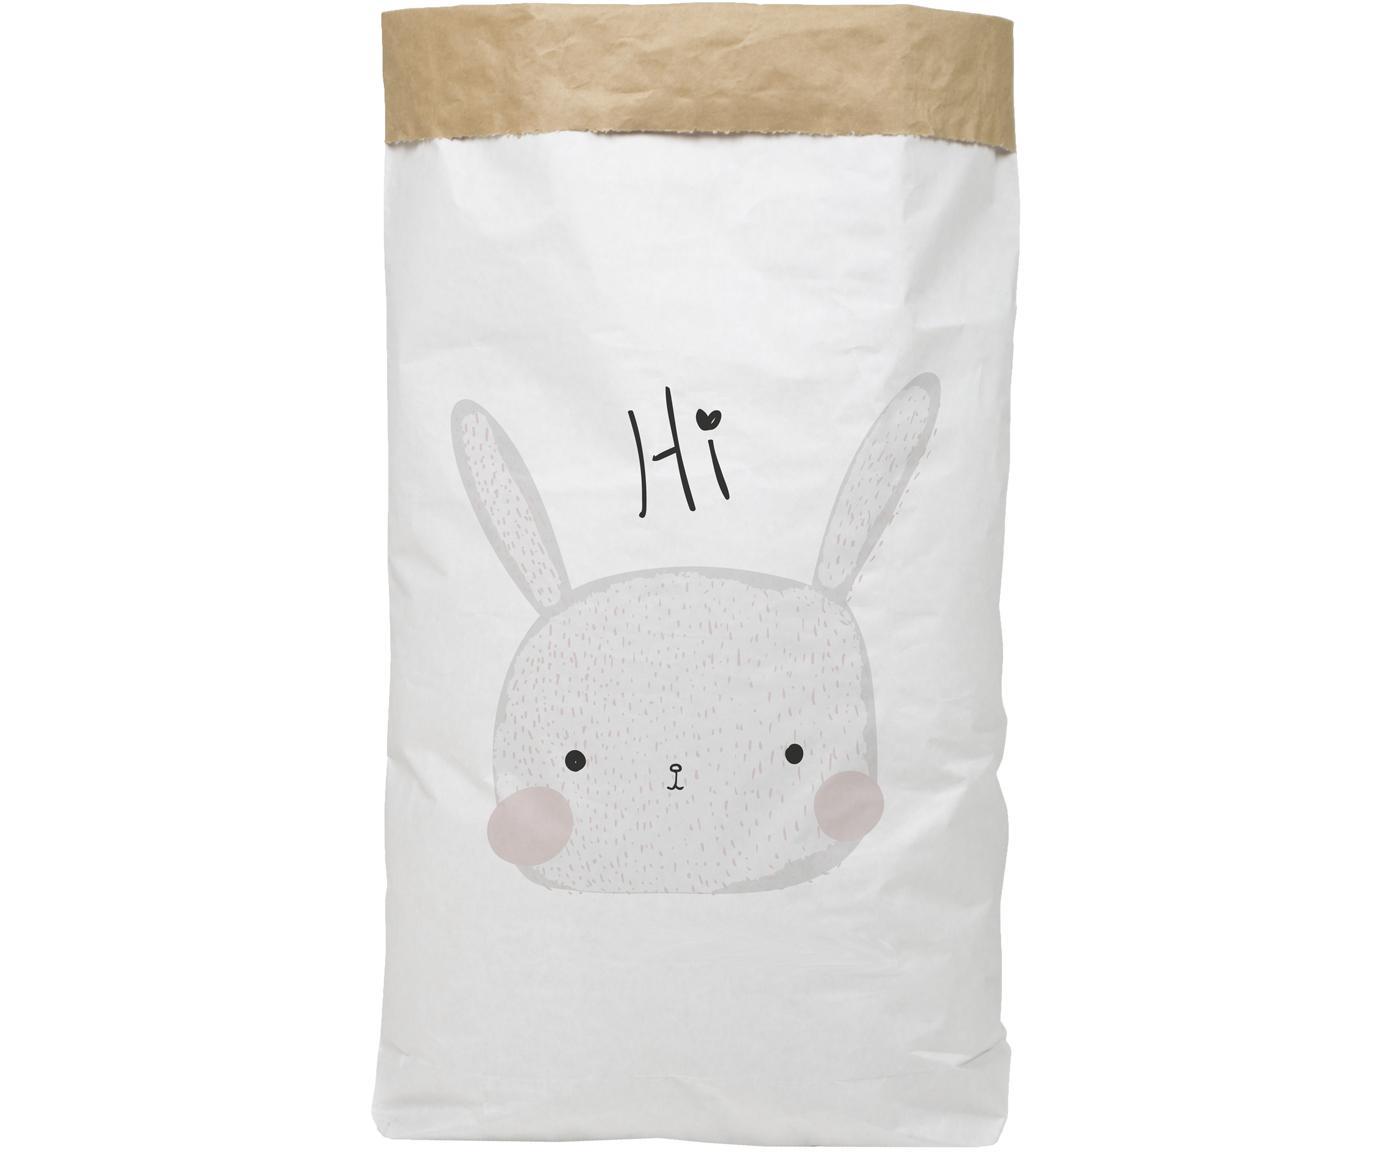 Torba do przechowywania Rabbit, Papier recyklingowy, Biały, czarny, szary, blady różowy, S 60 x W 90 cm